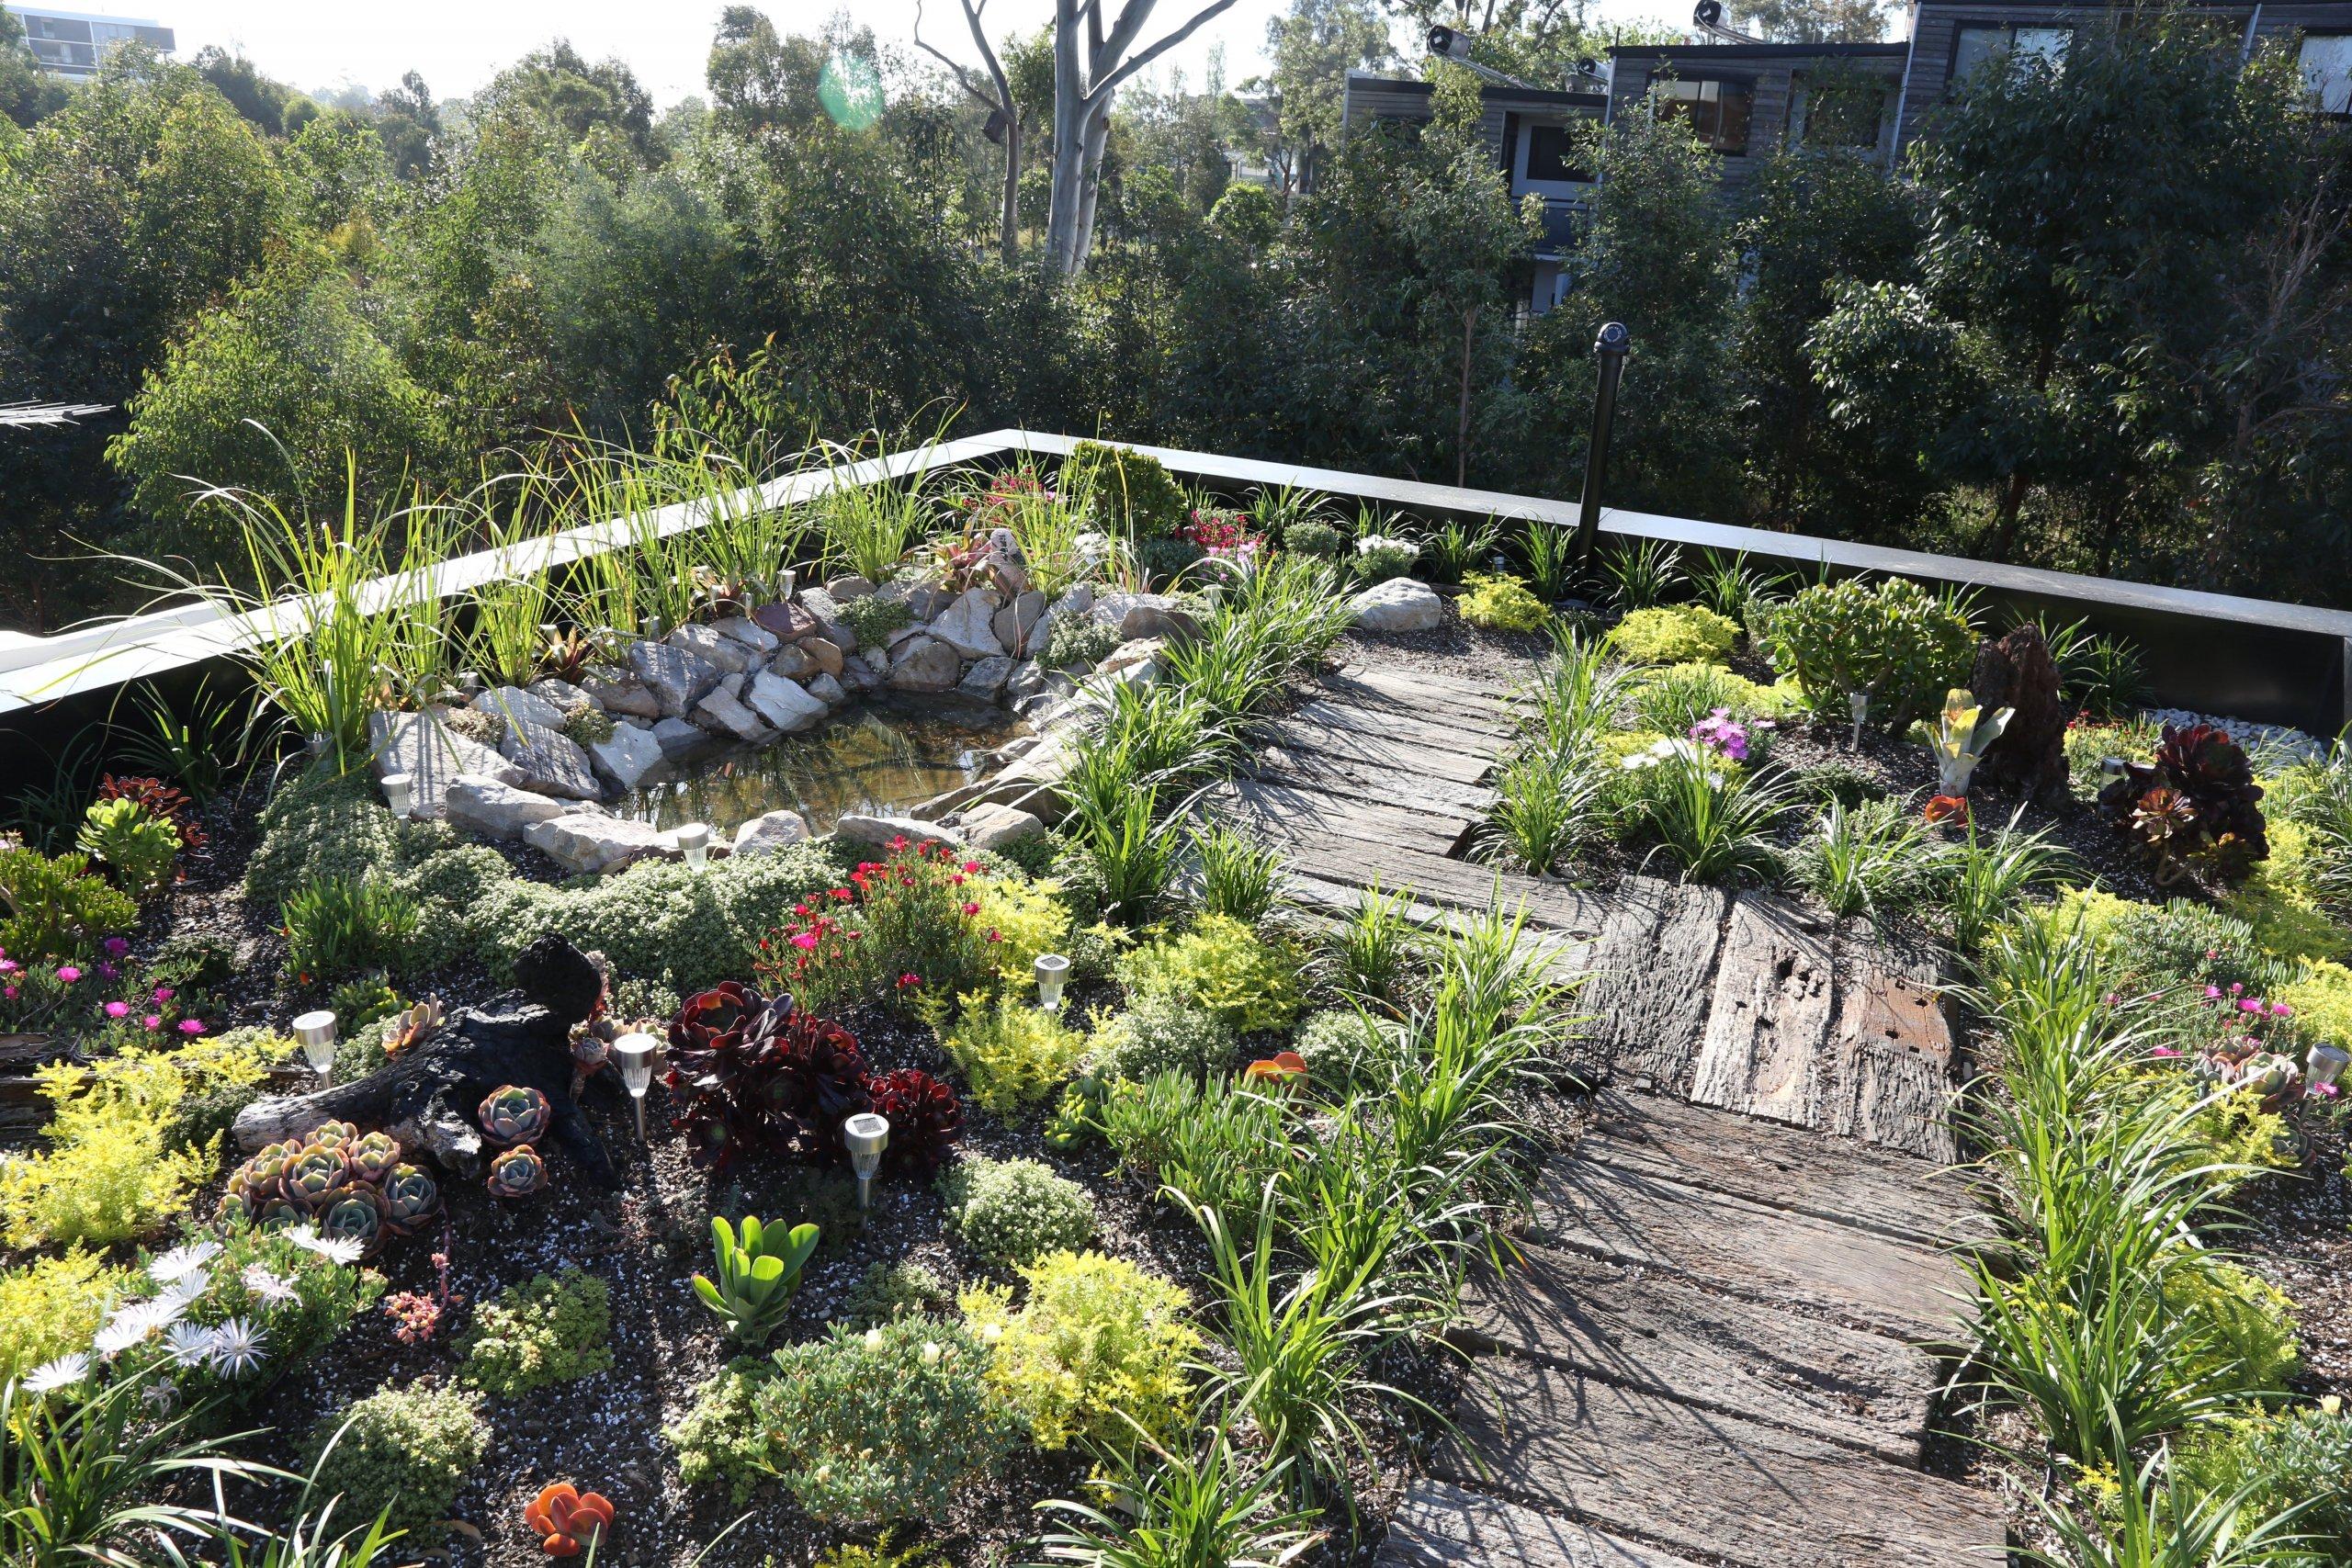 Zahrady na střechách nejsou trendem poslední doby. Už v 6. století se střešní zahrady využívaly hlavně k izolaci domů. Dnes si je budujeme především kvůli estetickému zážitku a architekti díky nim přinášejí více zeleně do měst.